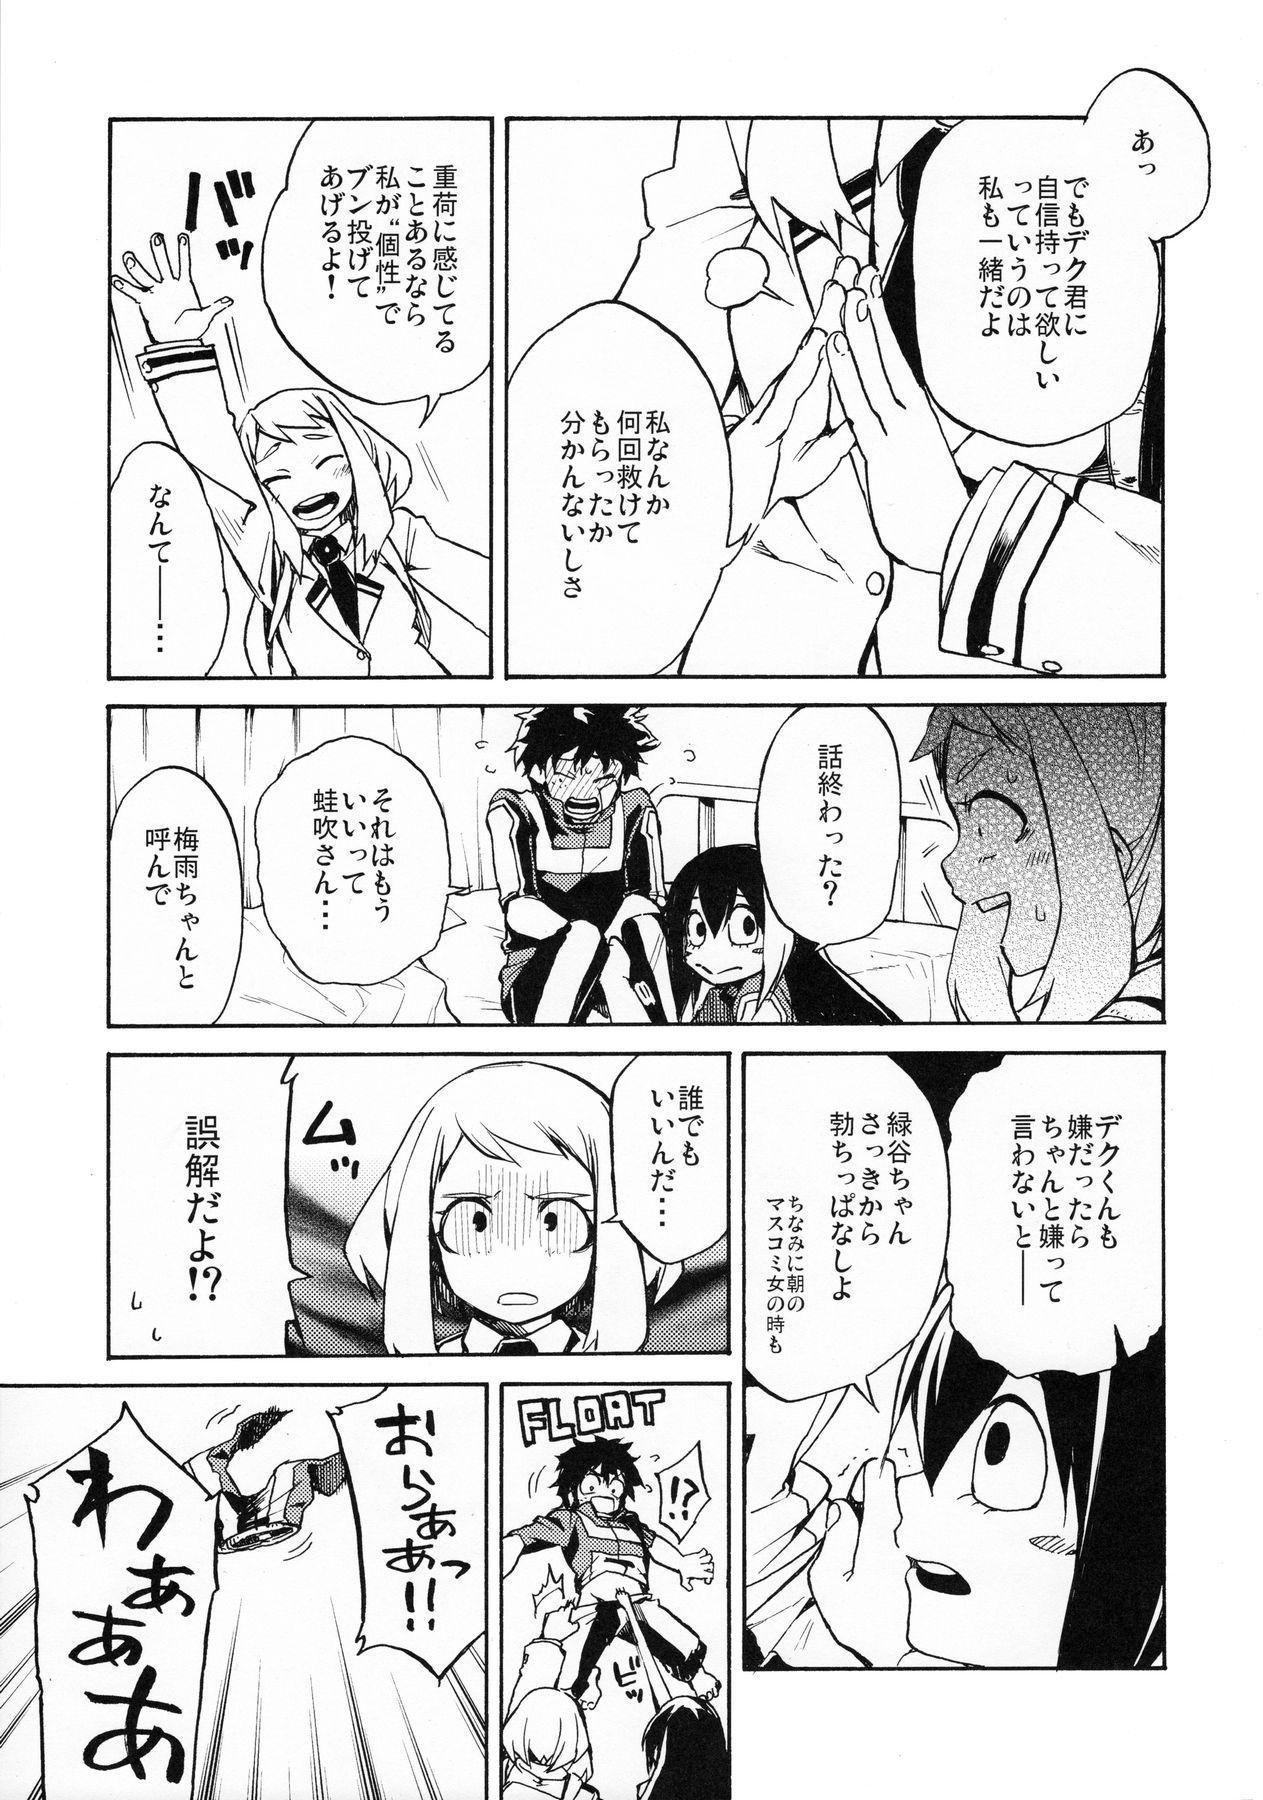 Ukiseikou hentai manga picture 10